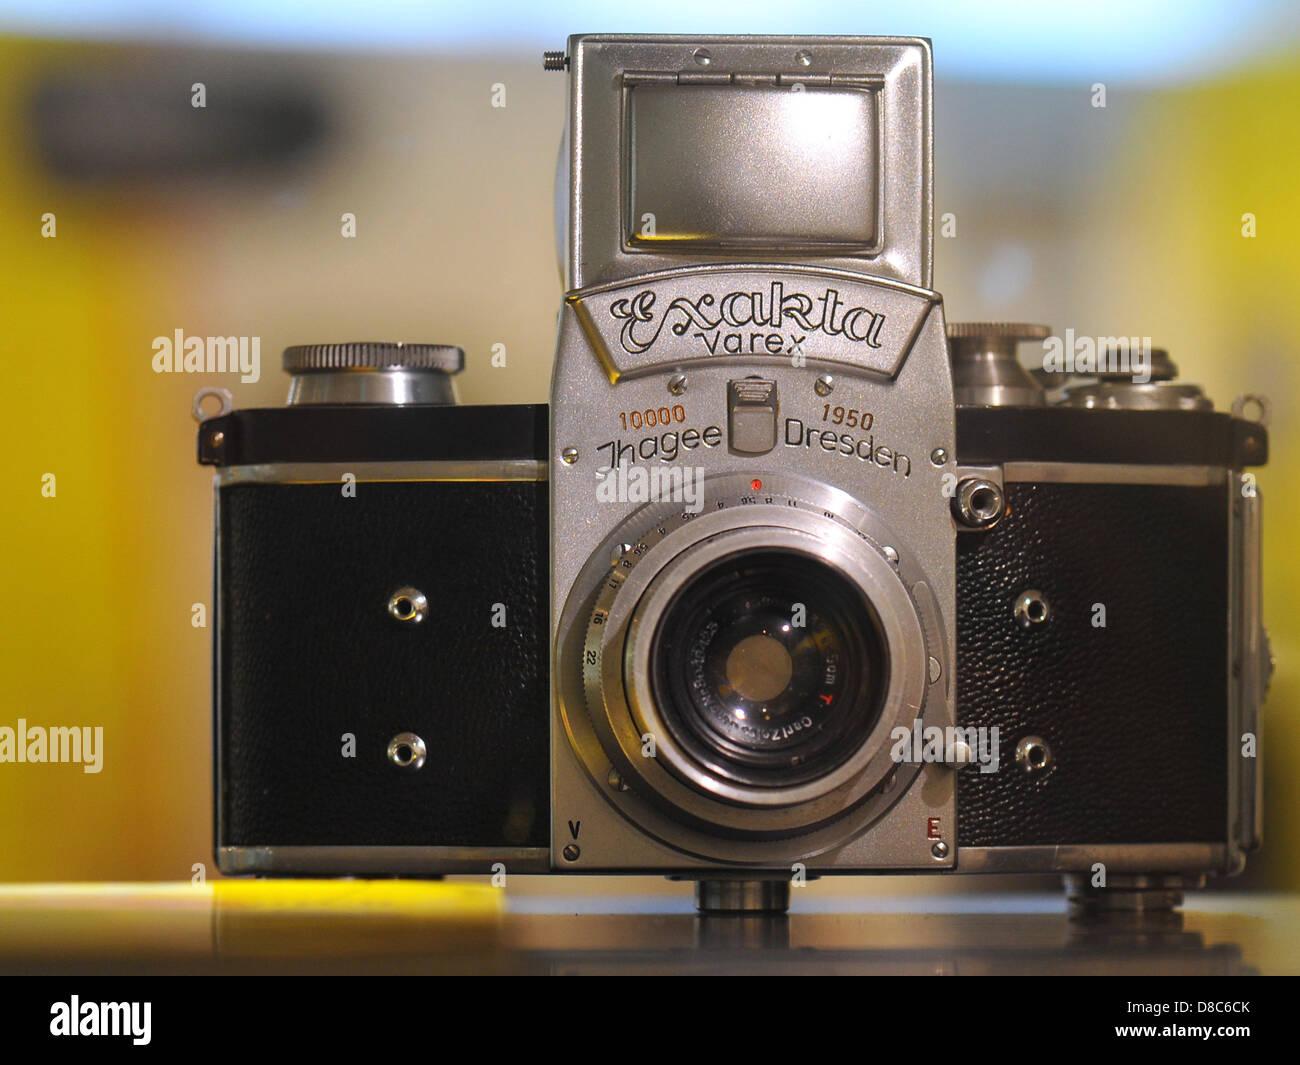 Die ersten einzelnen Spiegel Reflexkameras mit einem auswechselbaren Sucher, die Exakta Varex von 1950, ist auf Stockfoto